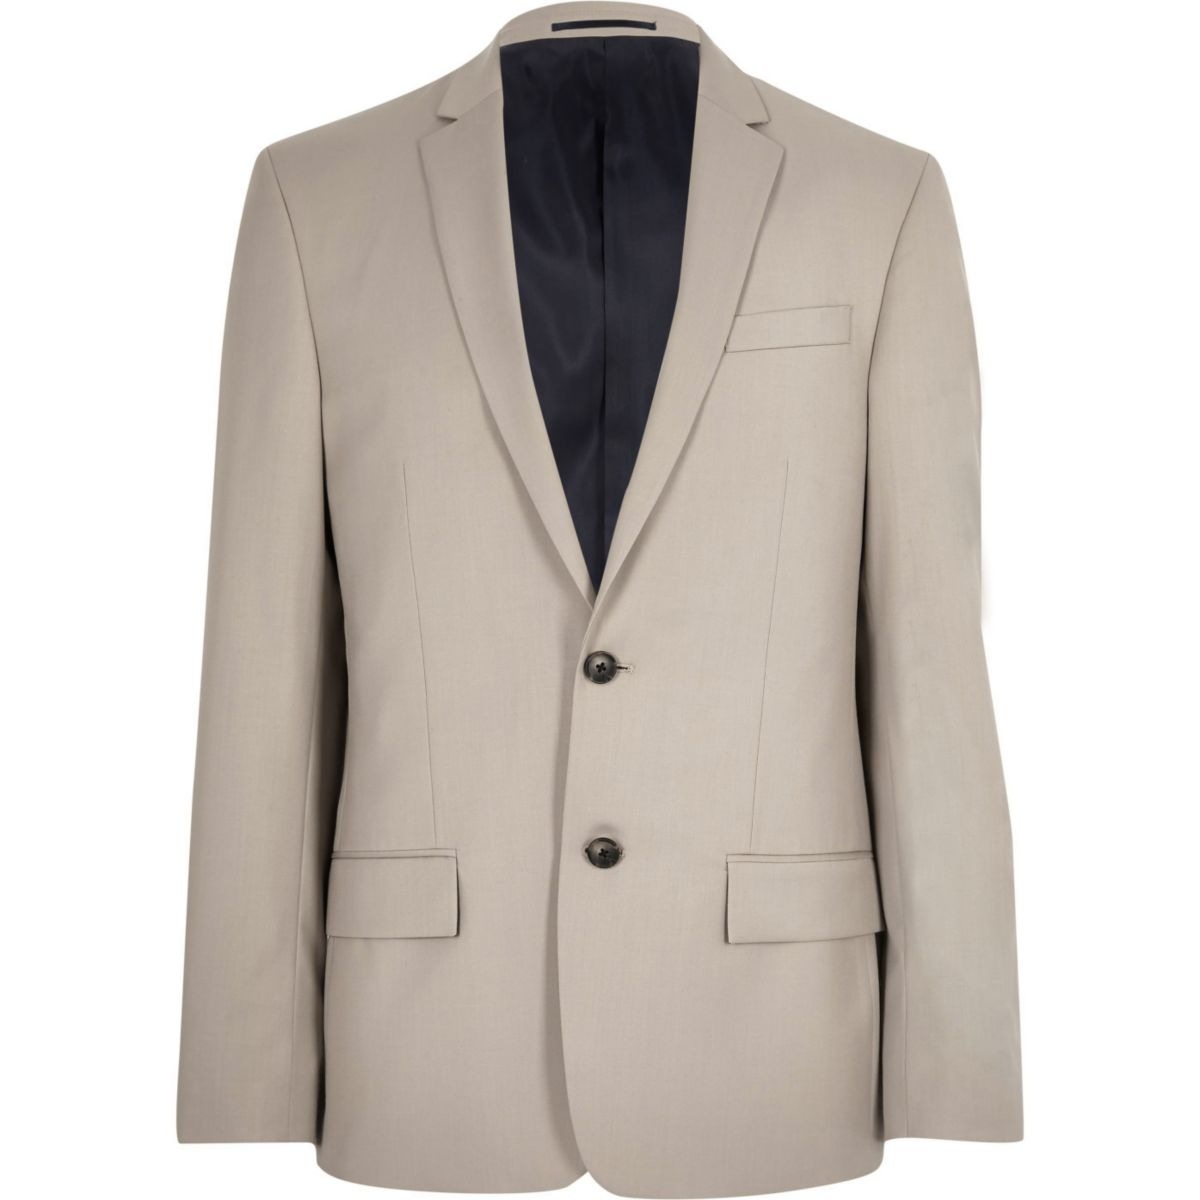 Beige slim fit suit jacket